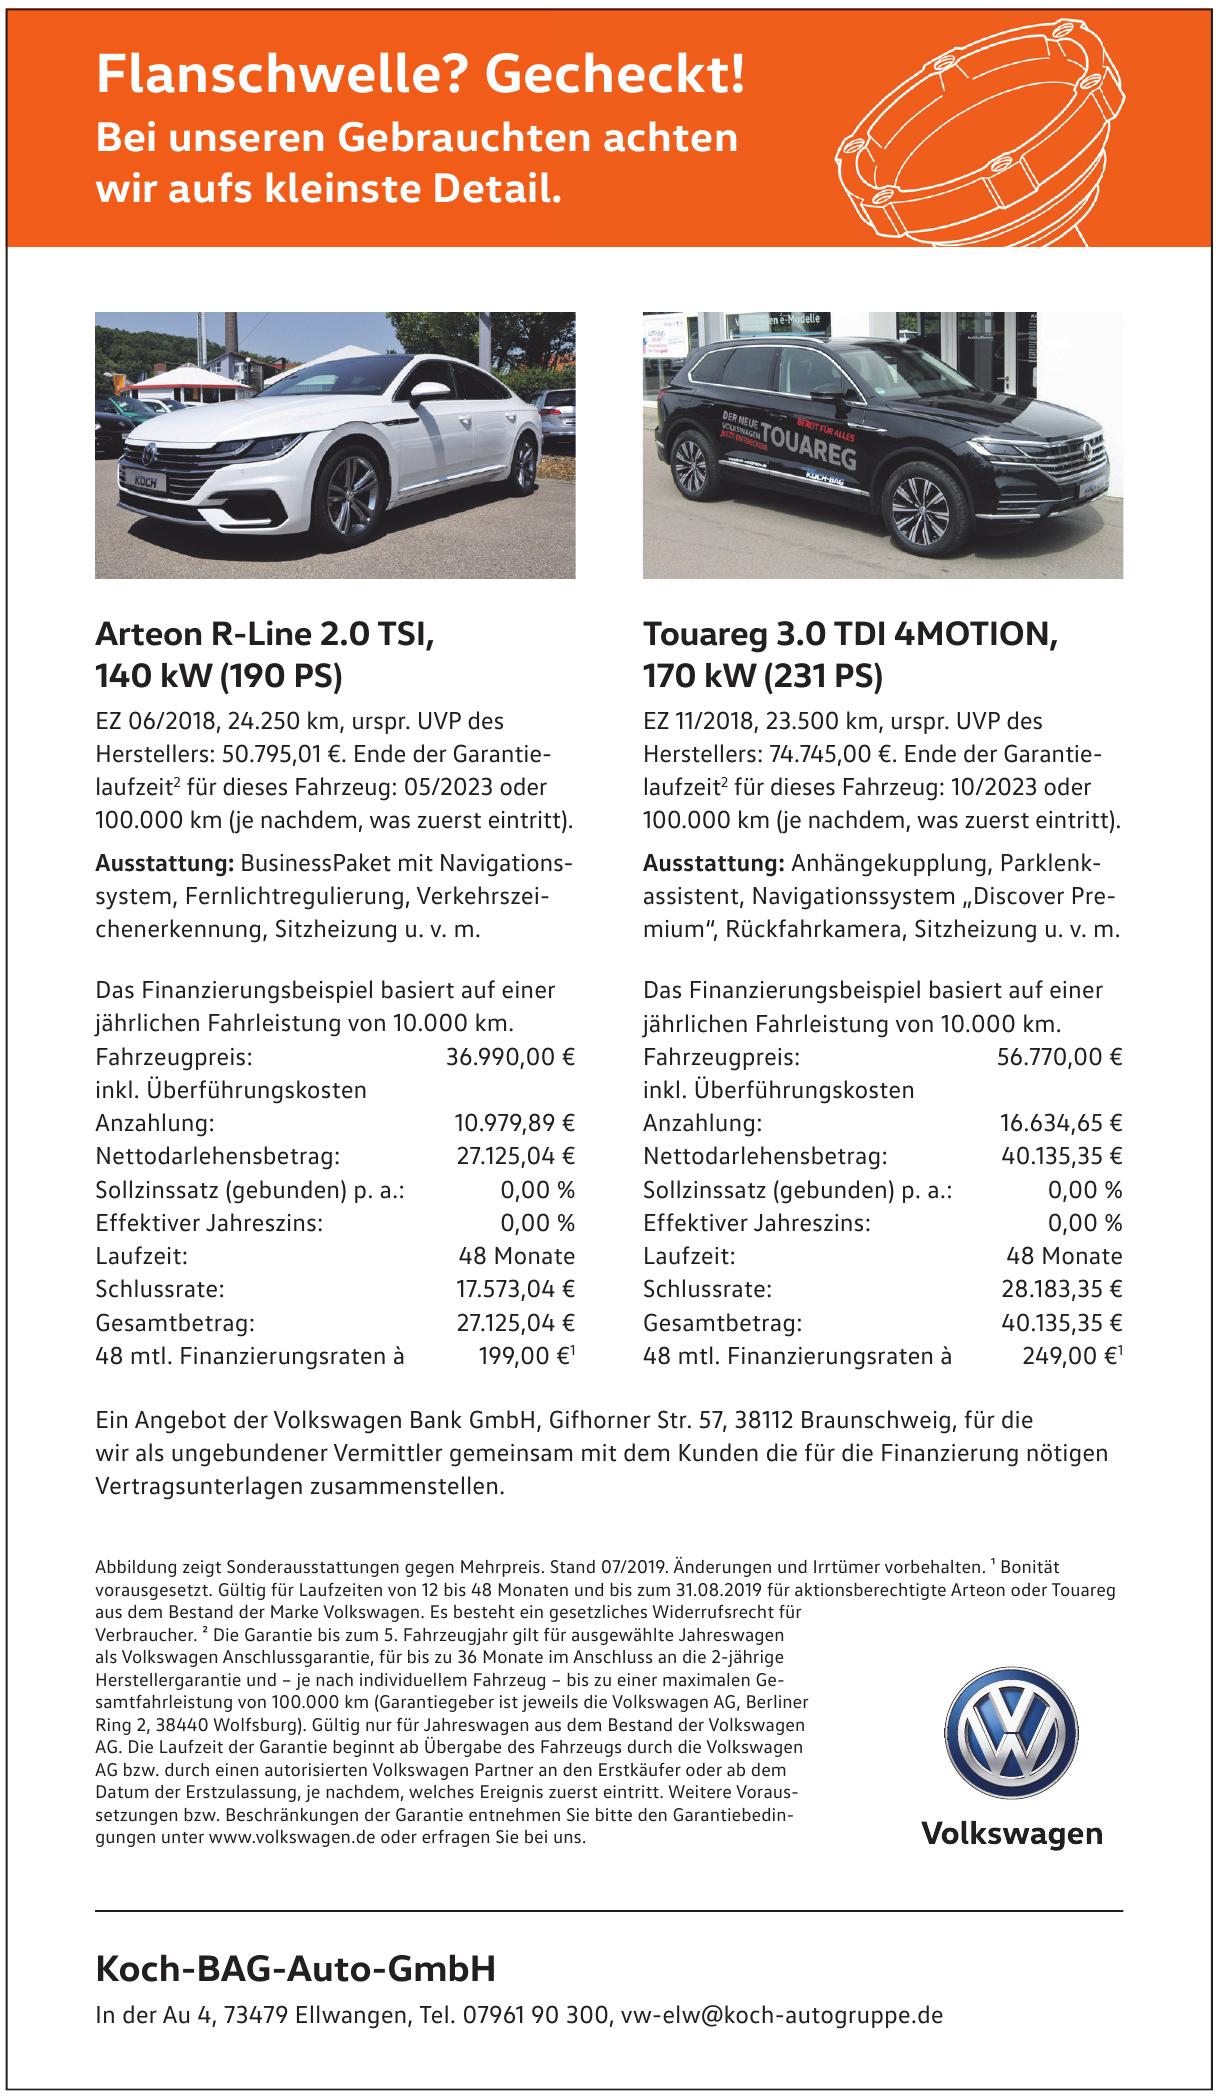 Koch-BAG-Auto-GmbH